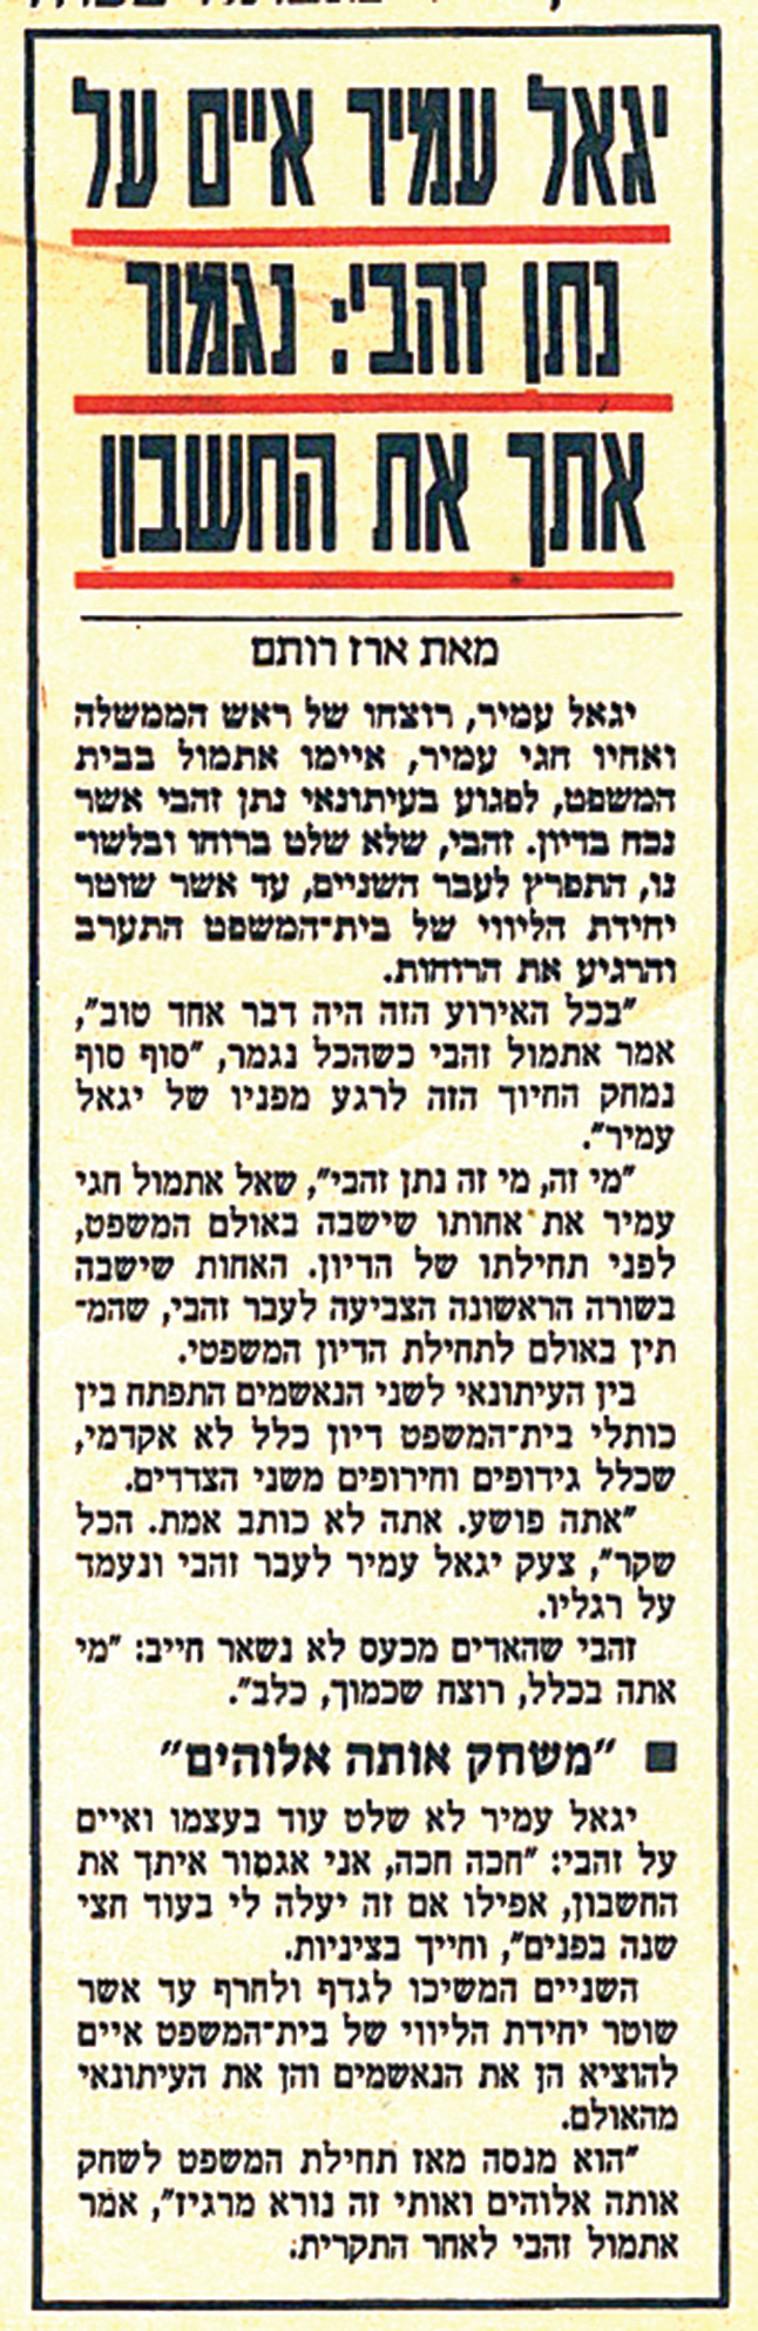 גזיר עיתון  מכתבה צה-1 במאי 1996 (צילום: צילום פרטי)